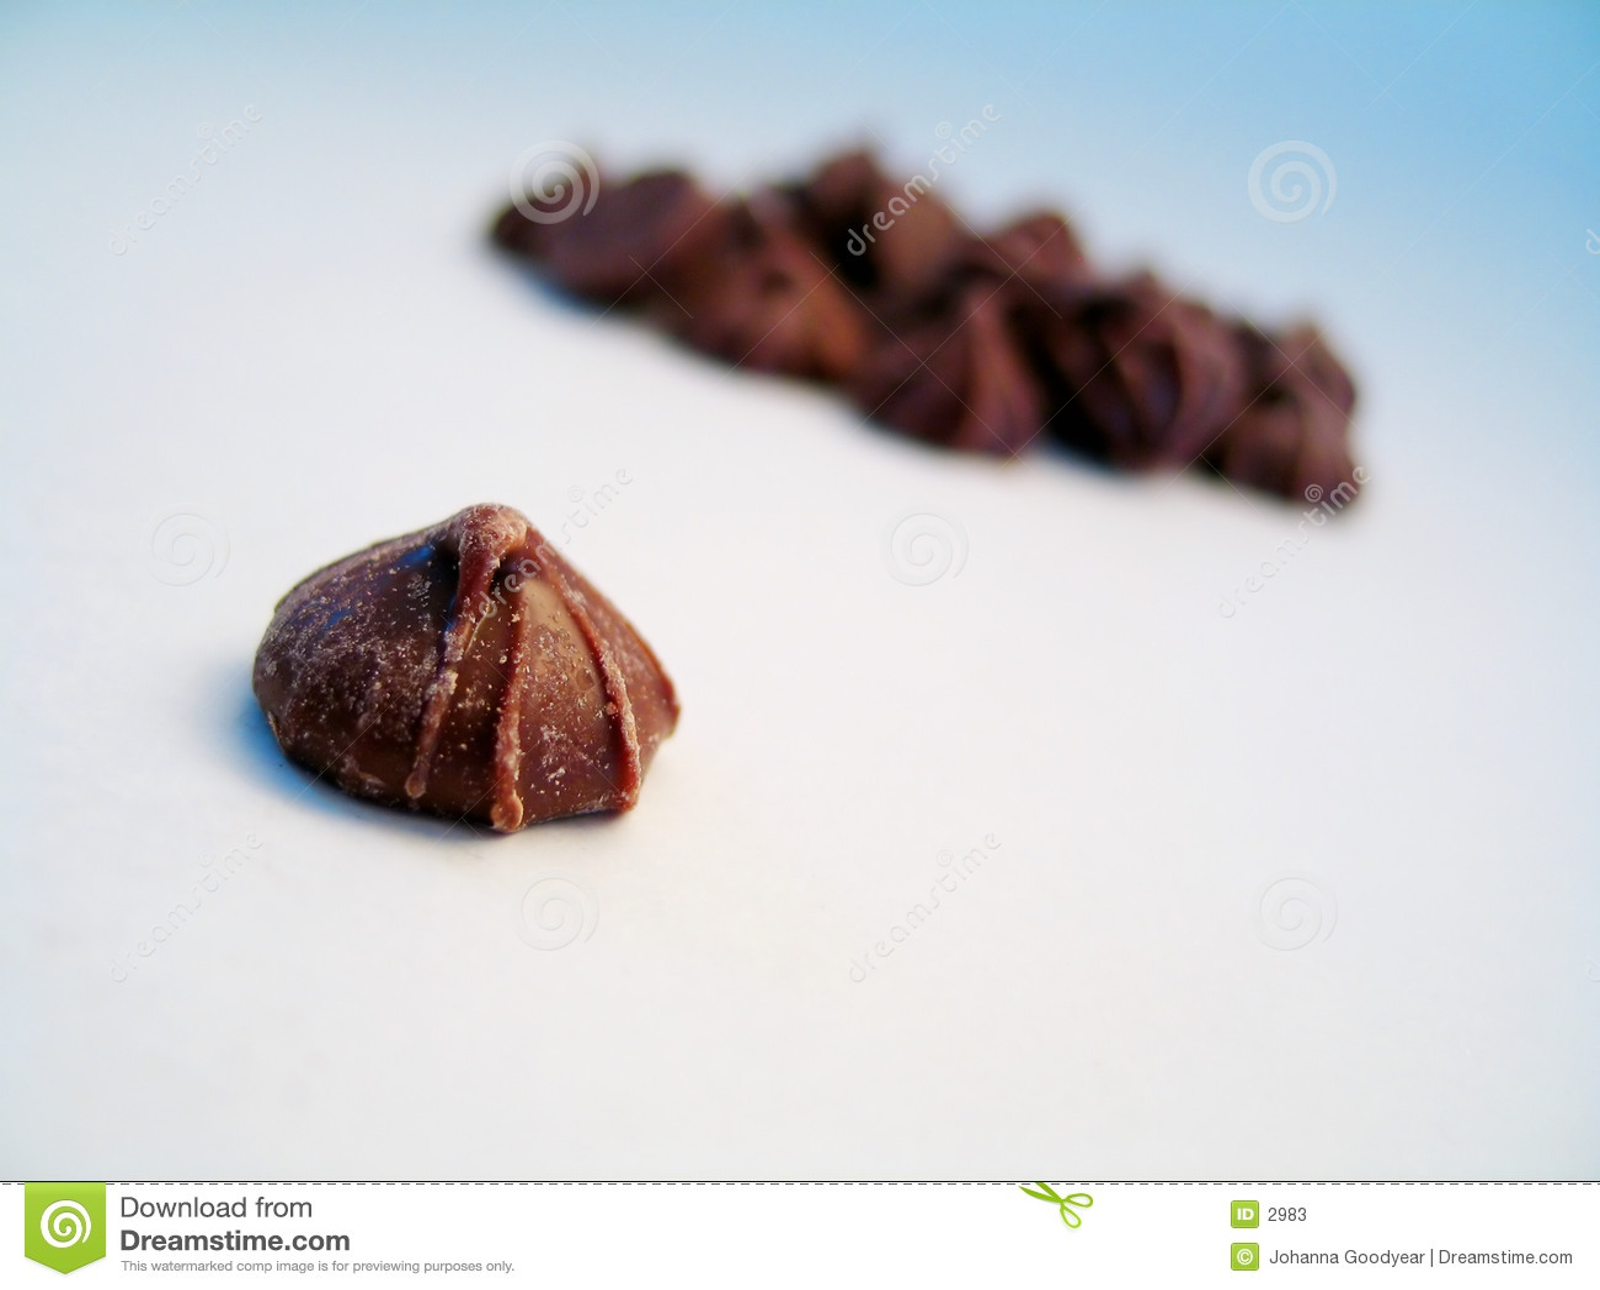 Schokoladenknospe, getrennt